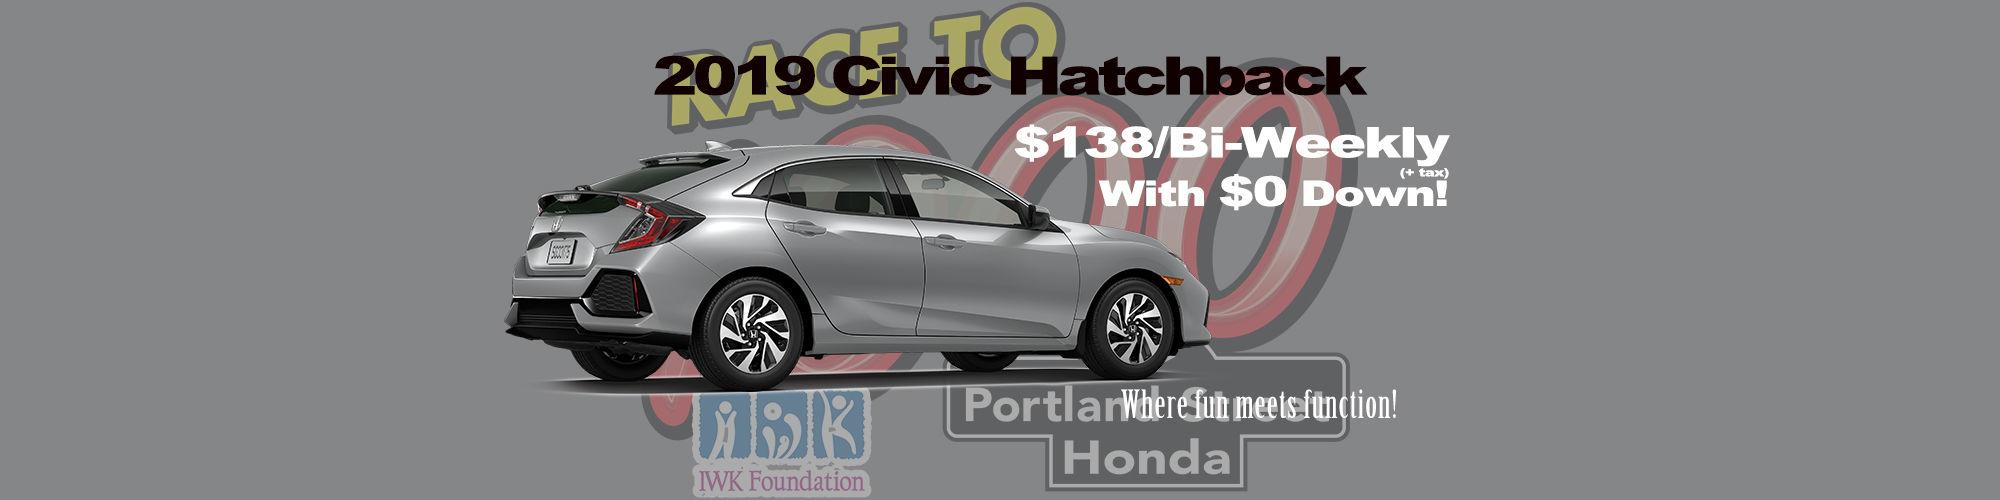 Honda Civic Hatchback $138/Bi-weekly